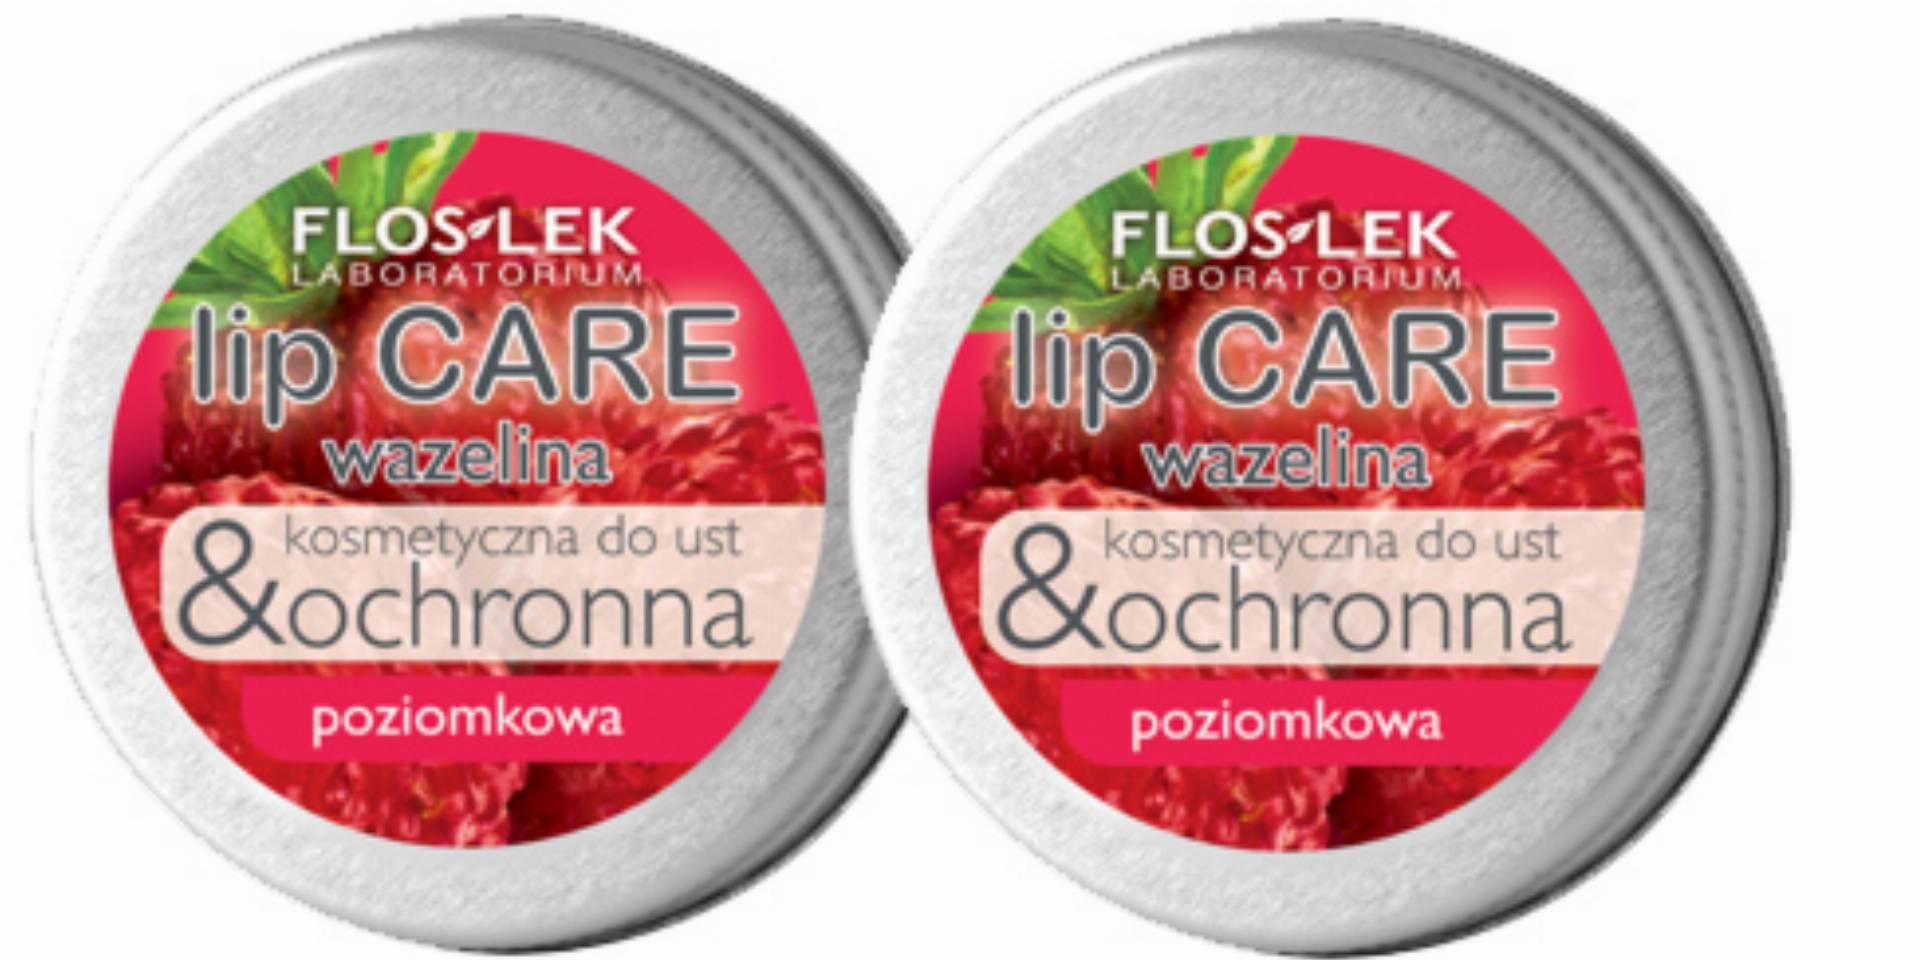 wazelina_poziomkowa-floslek